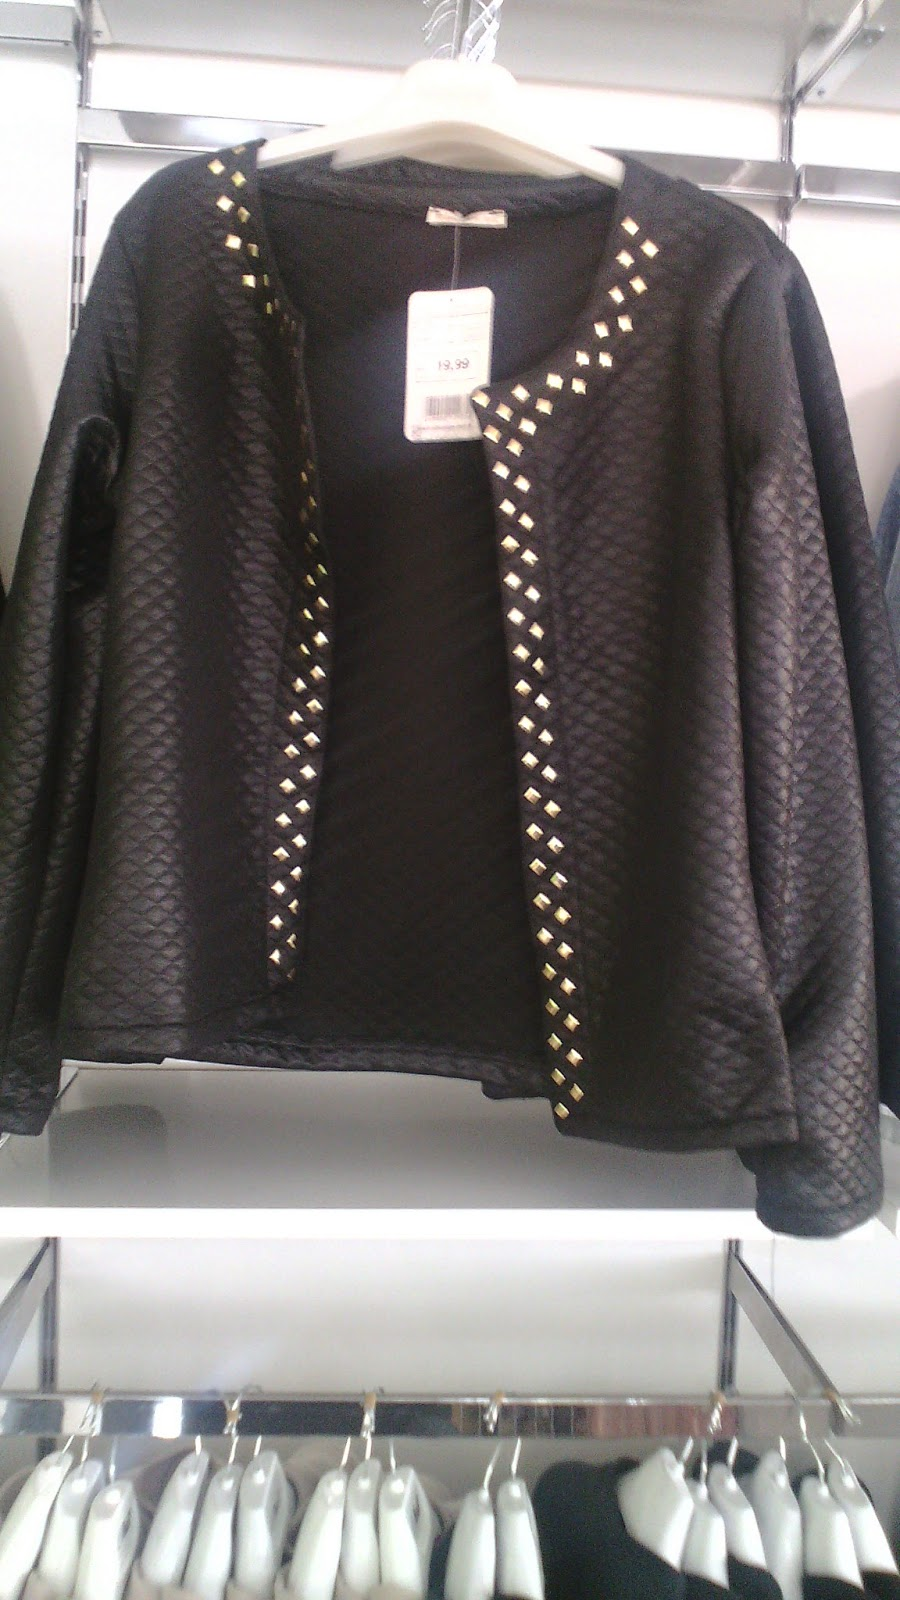 bayan deri ve panzot ceket çeşitleri - toptan satış firması